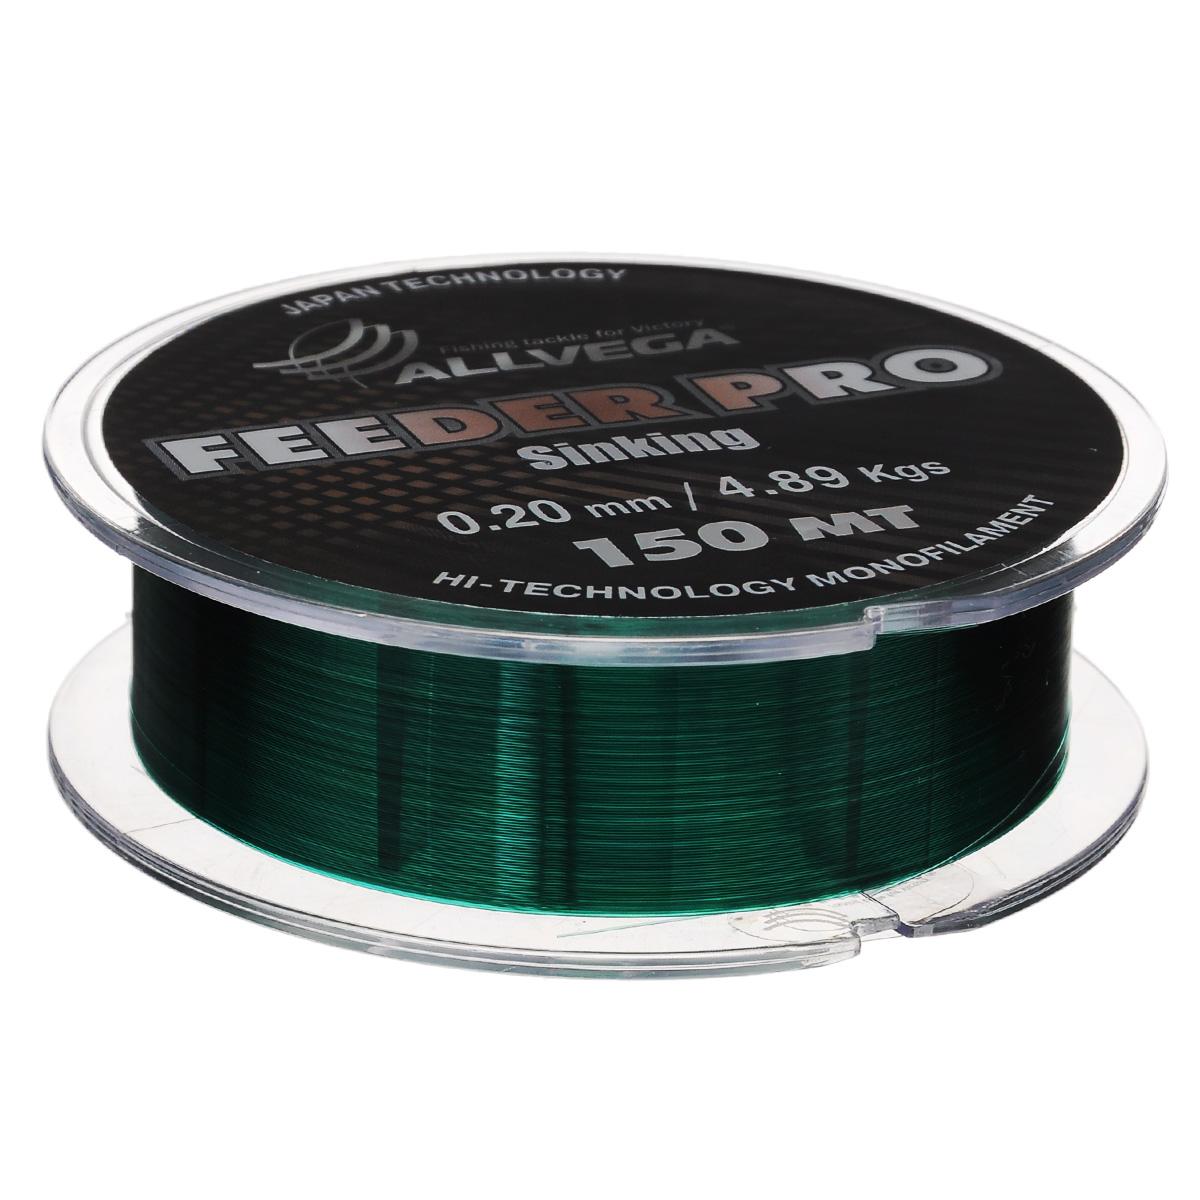 Леска Allvega Feeder Pro Sinking, цвет: темно-зеленый, 150 м, 0,2 мм, 4,89 кг1232632Леска Allvega Feeder Pro Sinking предназначена для фидерной ловли. Обладает всеми необходимыми характеристиками для фидерной ловли. Это - повышенная стойкость к перетиранию о бровки, камни и ракушечник, отлично тонет, имеет малую растяжимость, окрашена в темно-зеленый цвет. Может с успехом использоваться в матчевой ловле и при ловле на зимнюю поплавочную удочку.